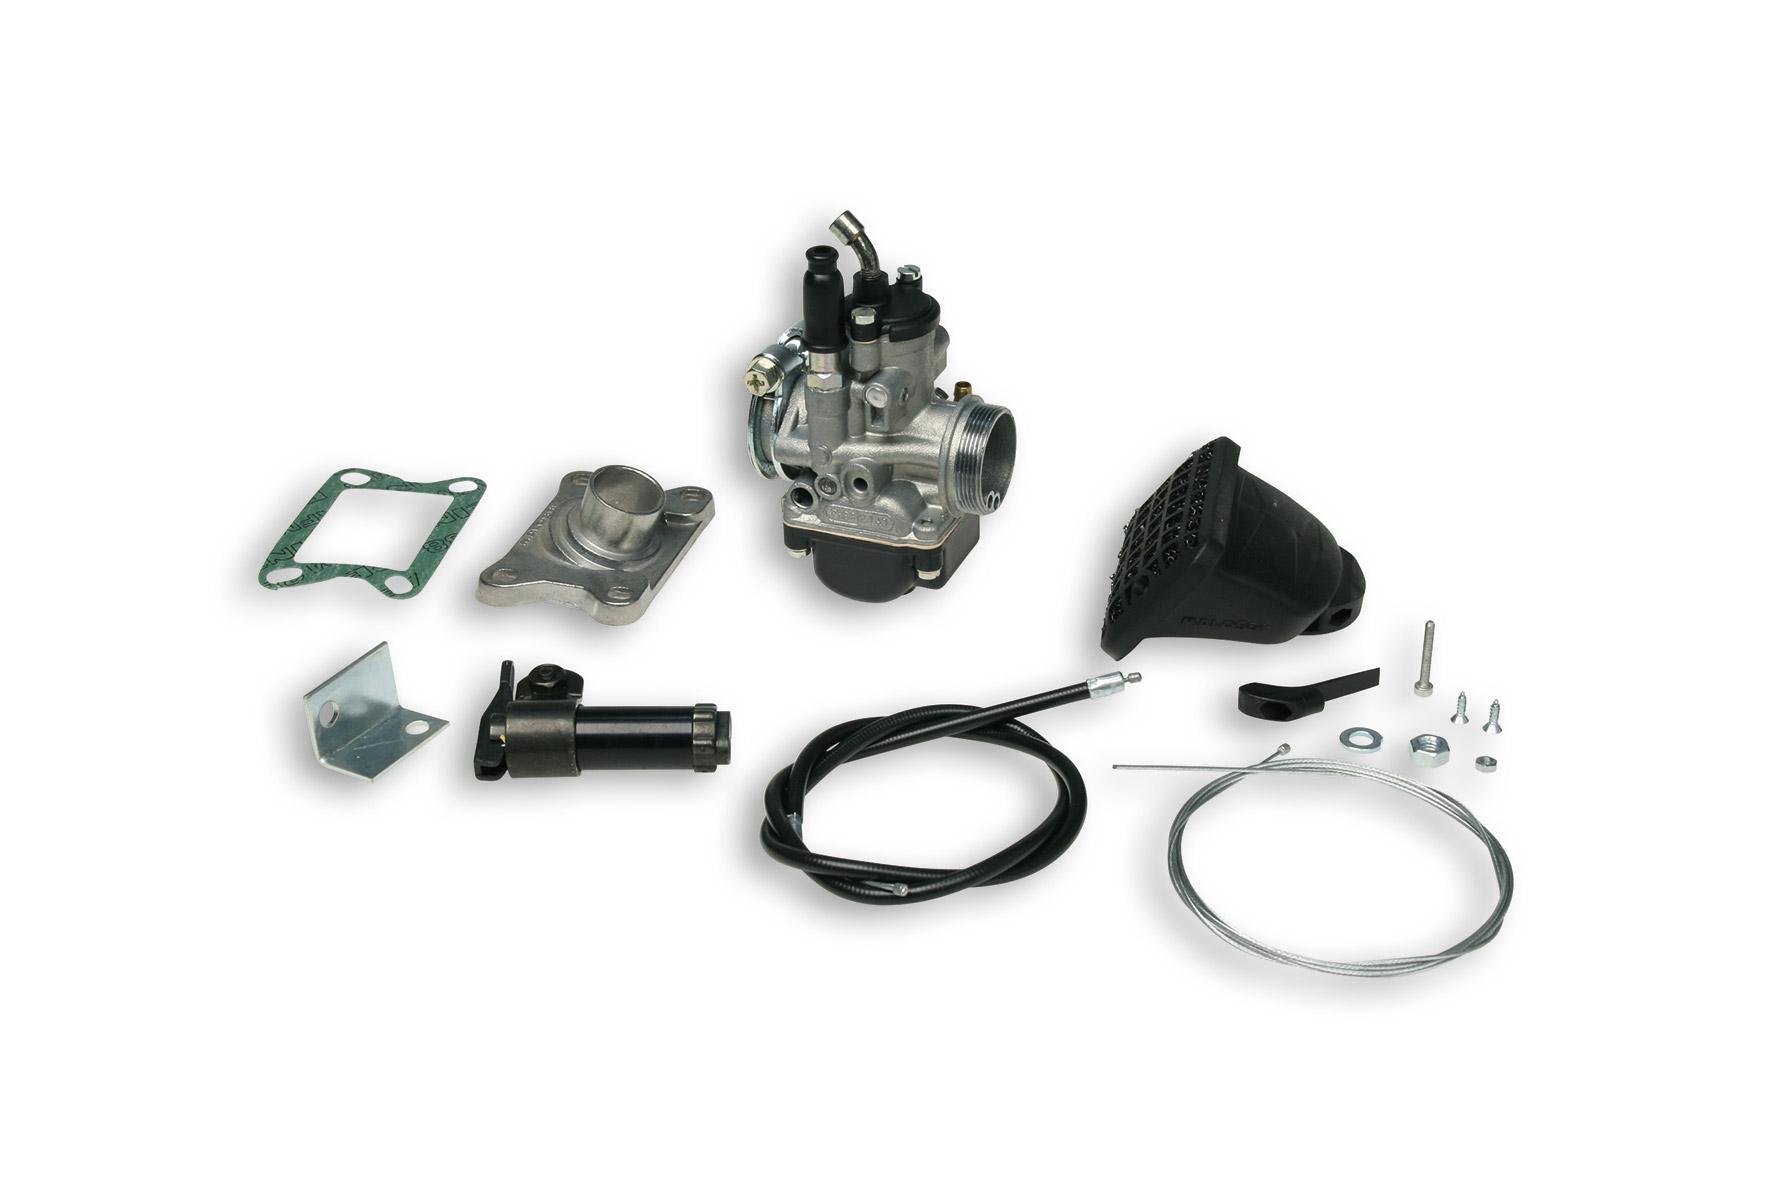 Impianto alimentazione PHBG 21 con filtro per Malaguti Fifty - Fifty Top - MDX LC 50 cc